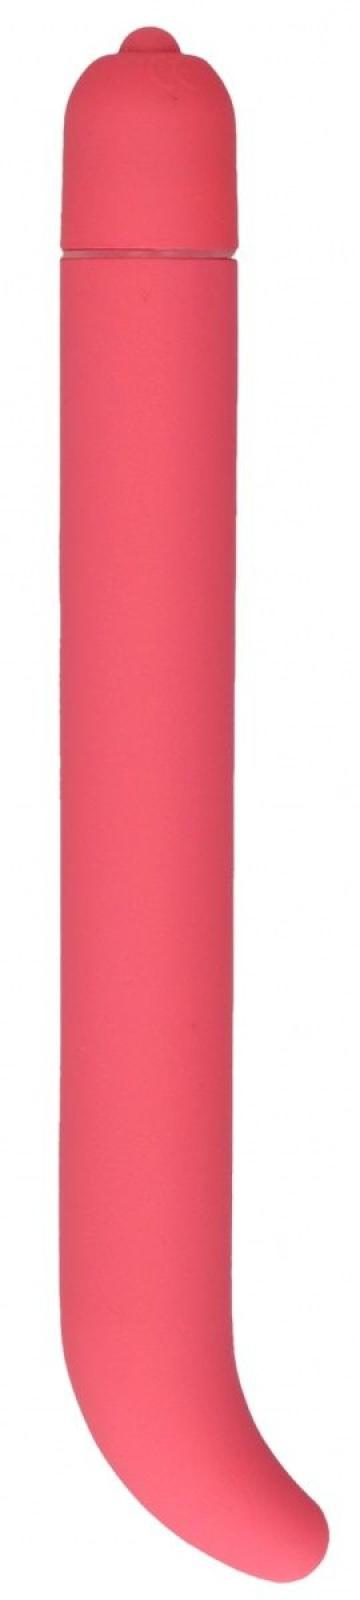 Розовый компактный вибростимулятор G-Spot Vibrator - 16 см.